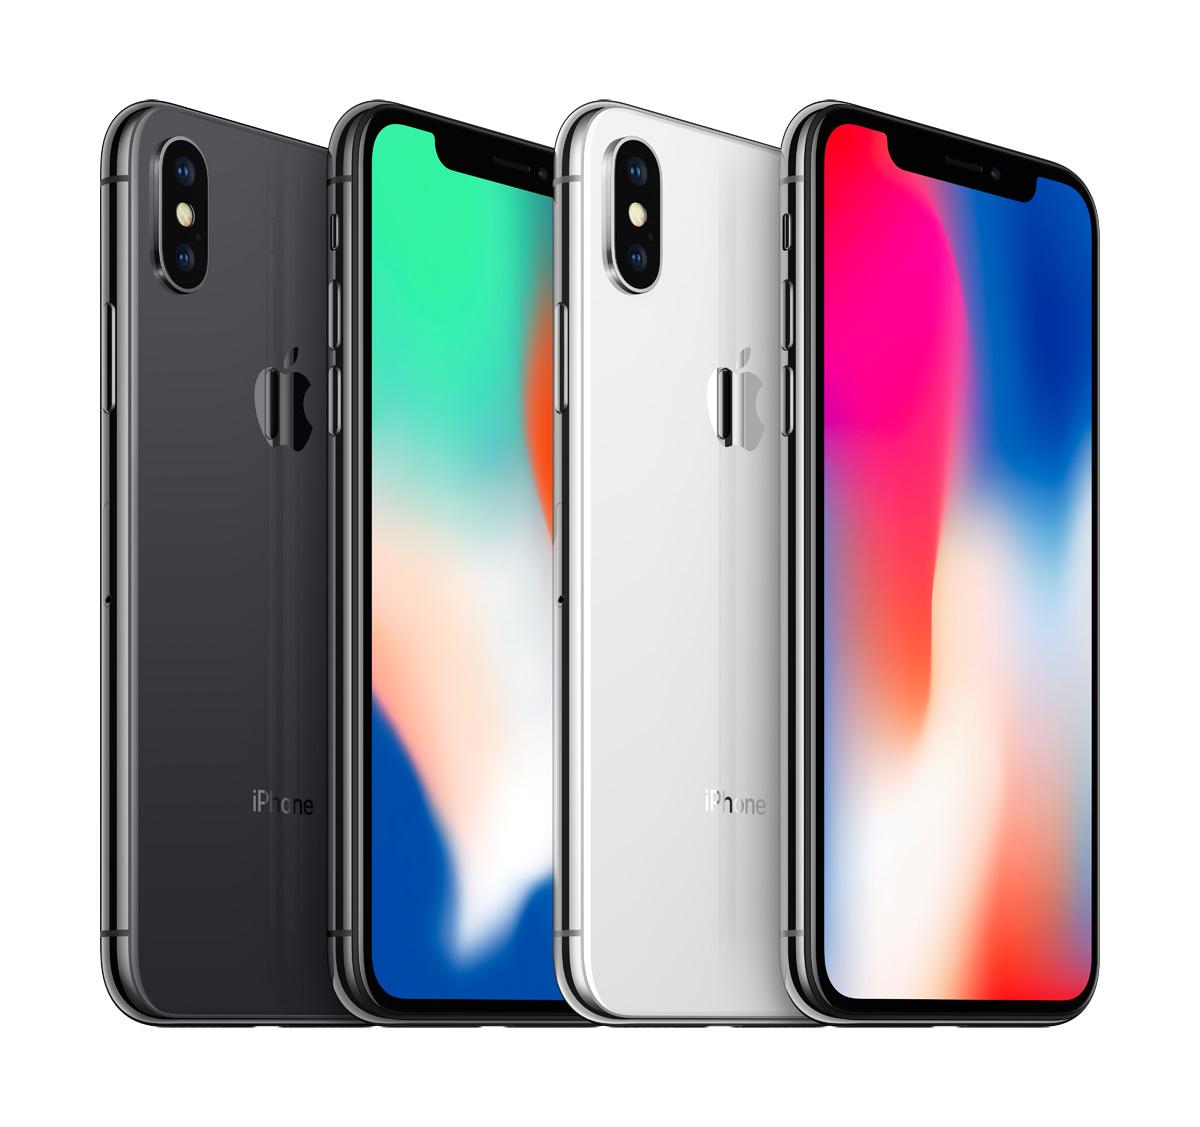 Precomandă iPhone X la Telekom - prețurile noului terminal Apple